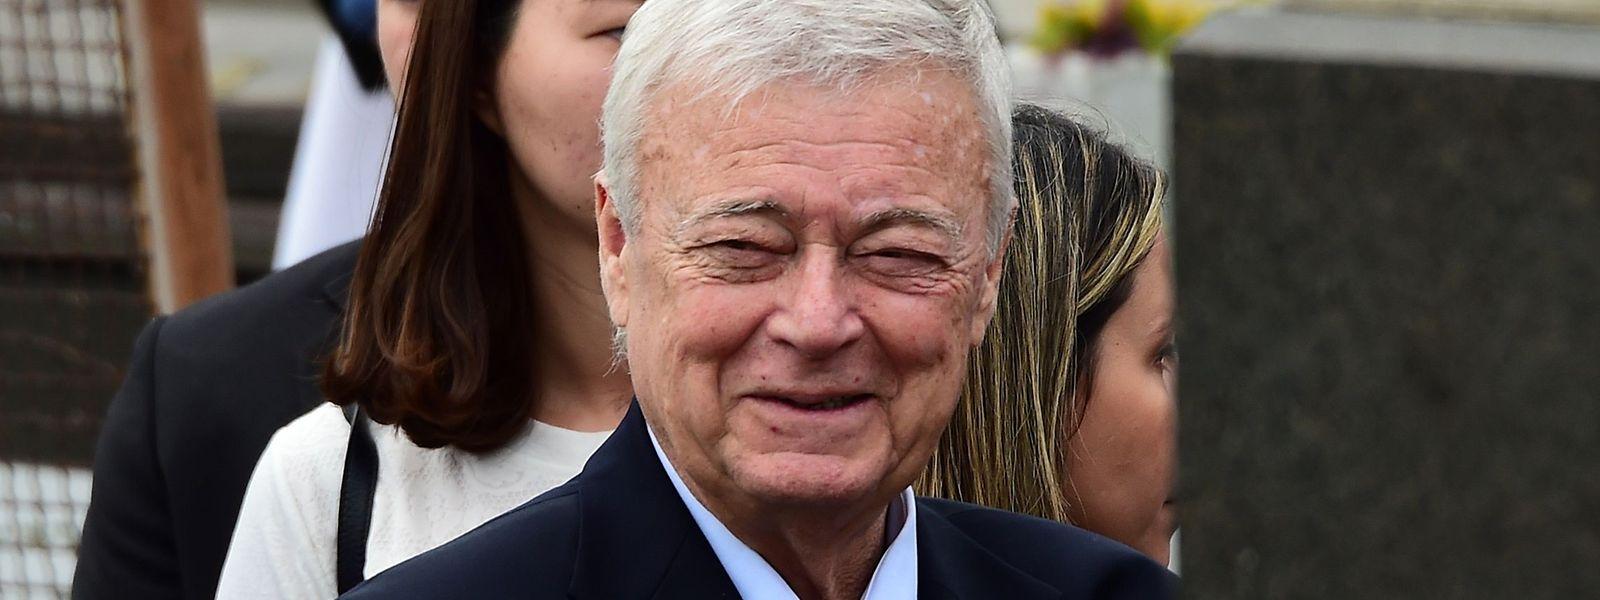 Ricardo Teixeira deixou a presidência do futebol brasileiro em março de 2012, ainda antes do final do mandato.